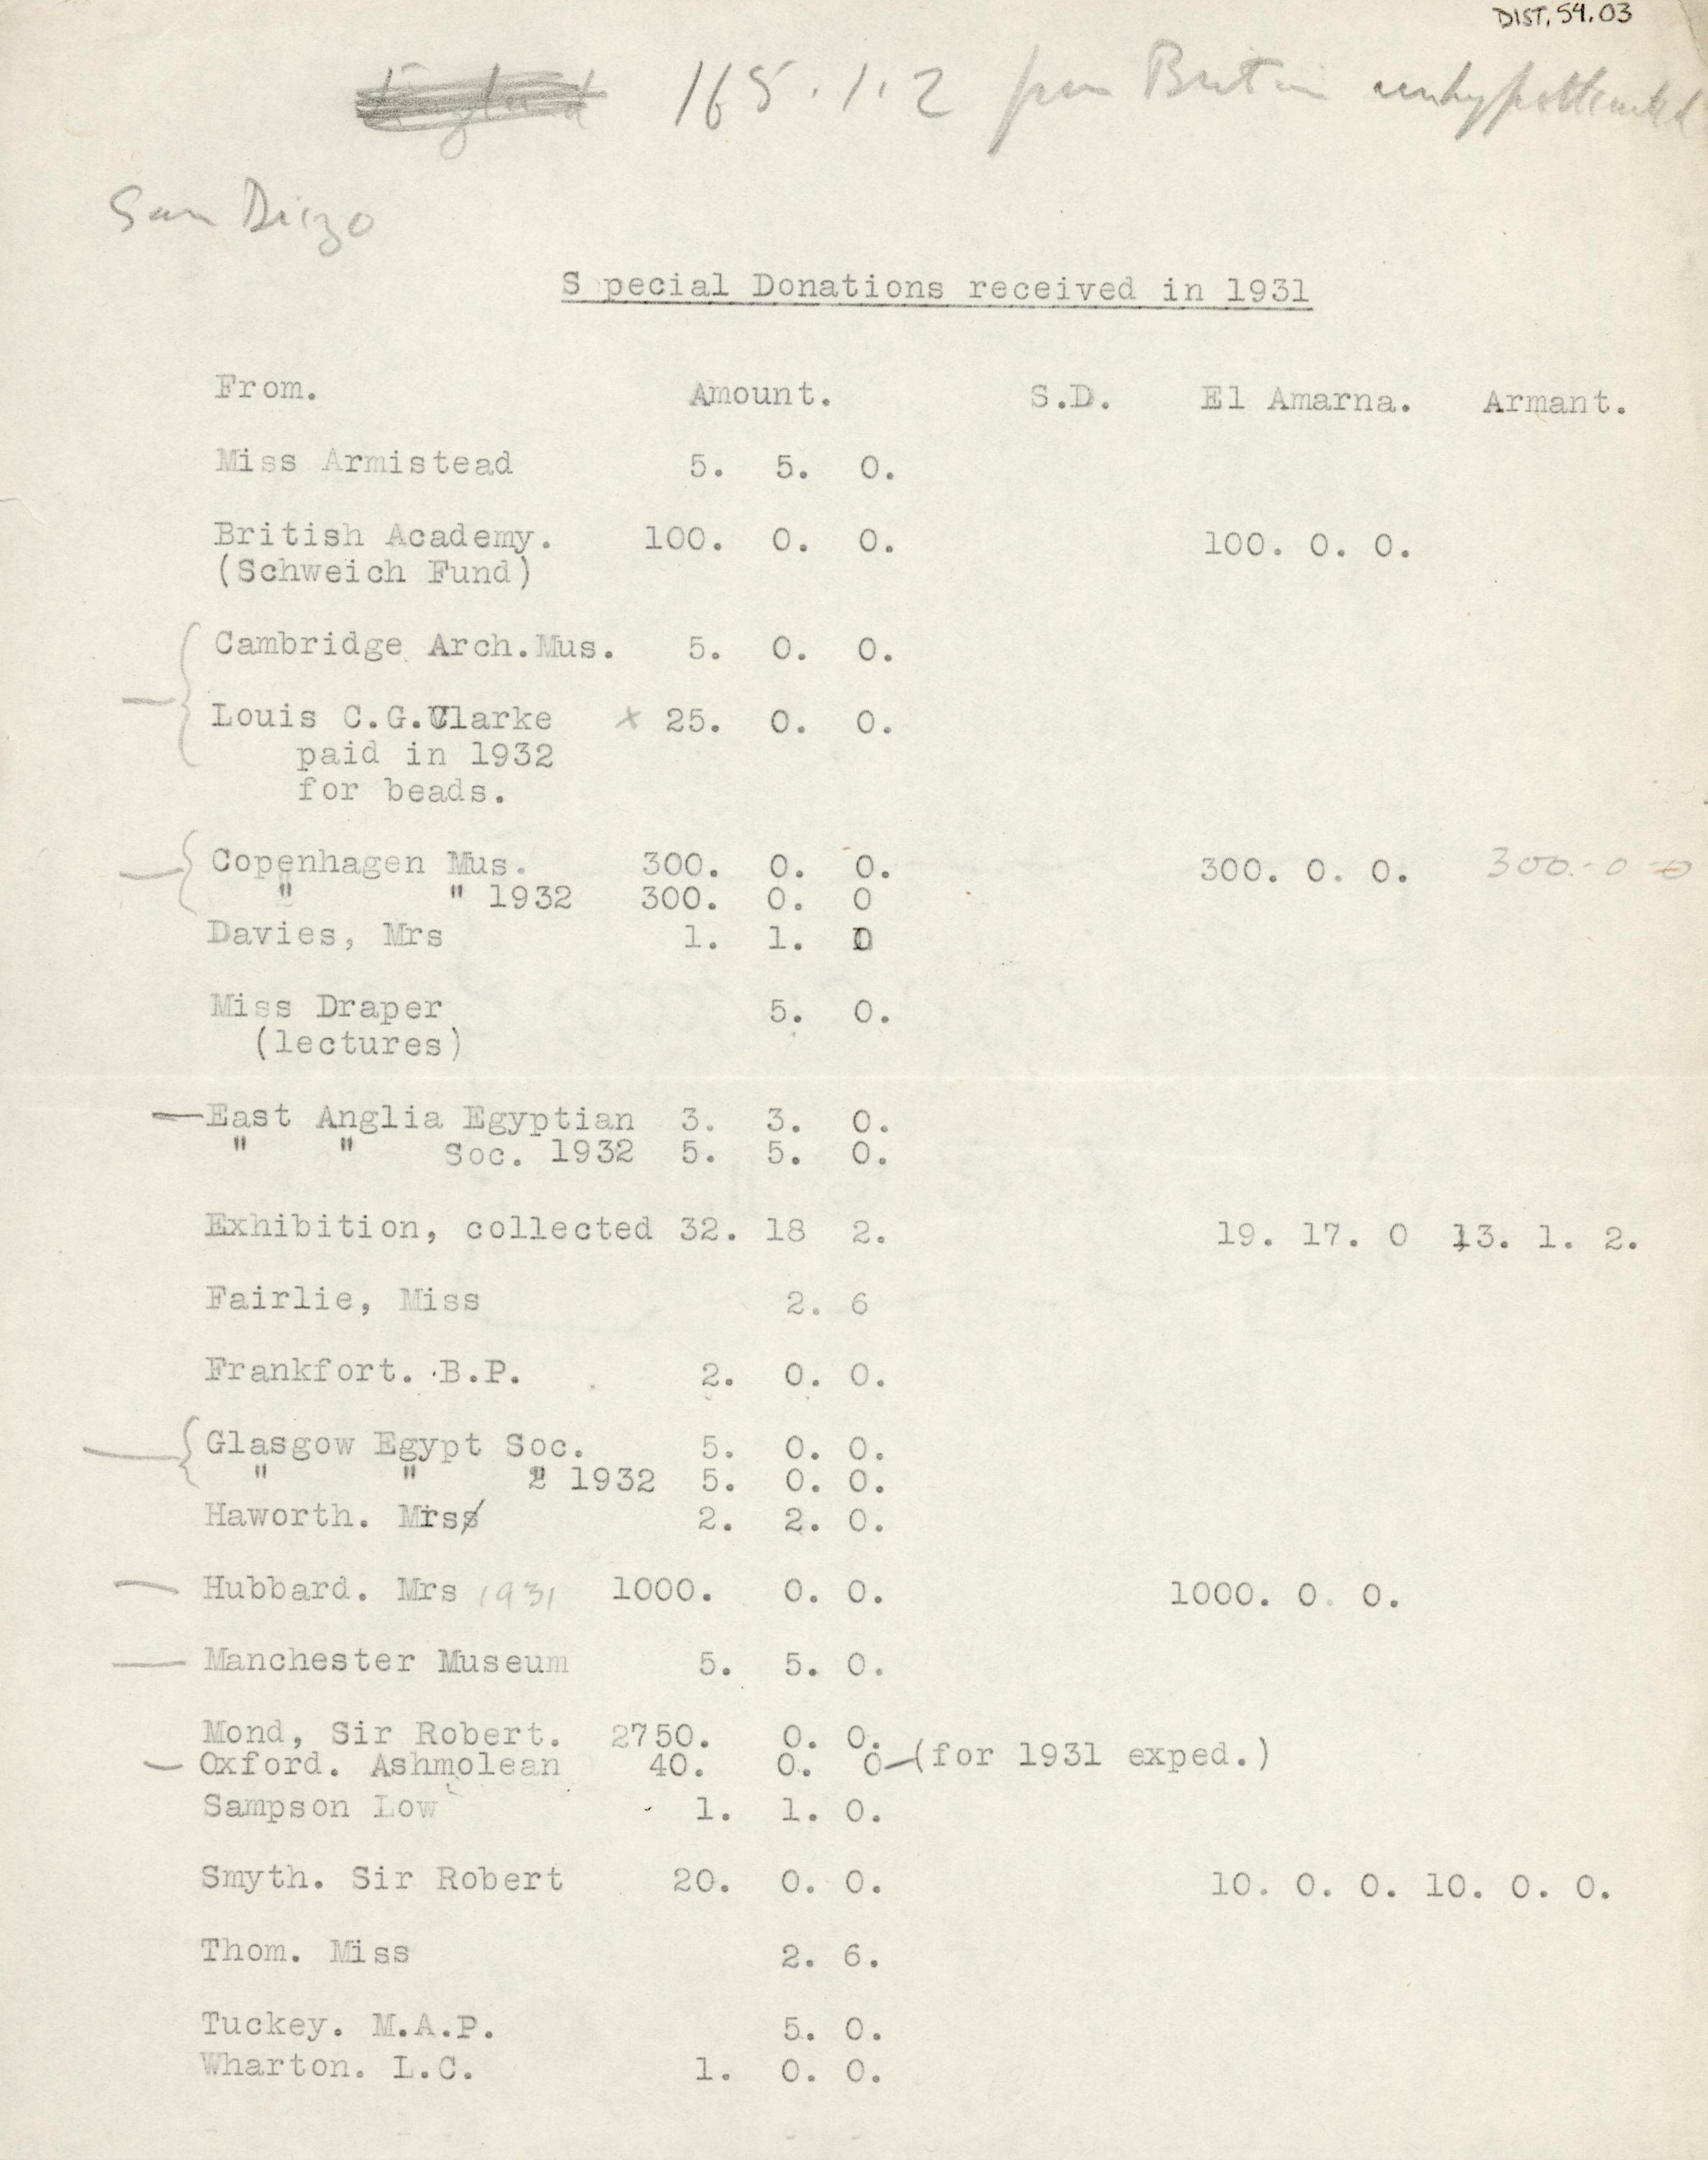 1931-32 el-Amarna and Armant DIST.54.03a